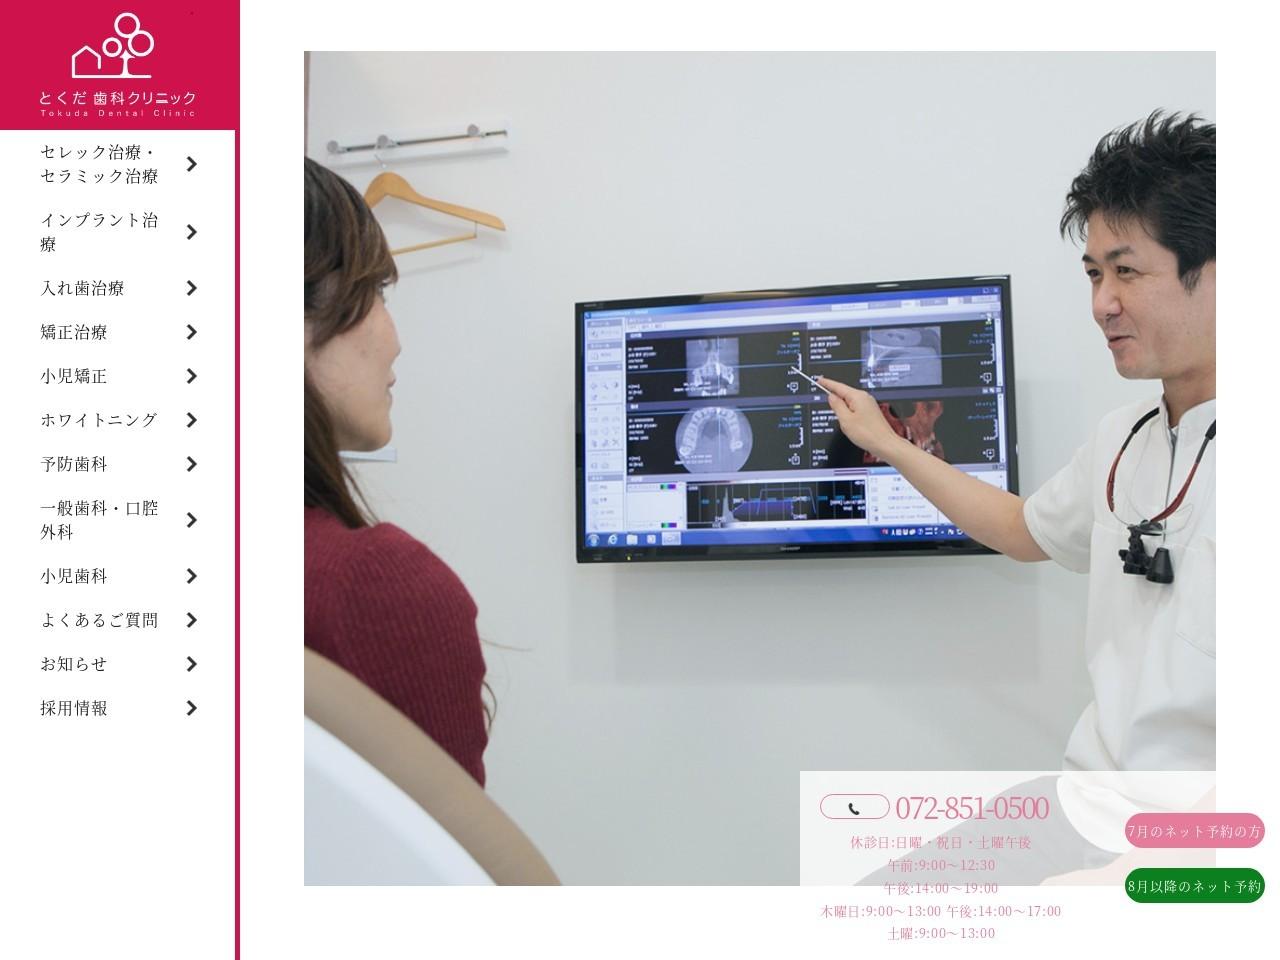 とくだ歯科クリニック (大阪府枚方市)